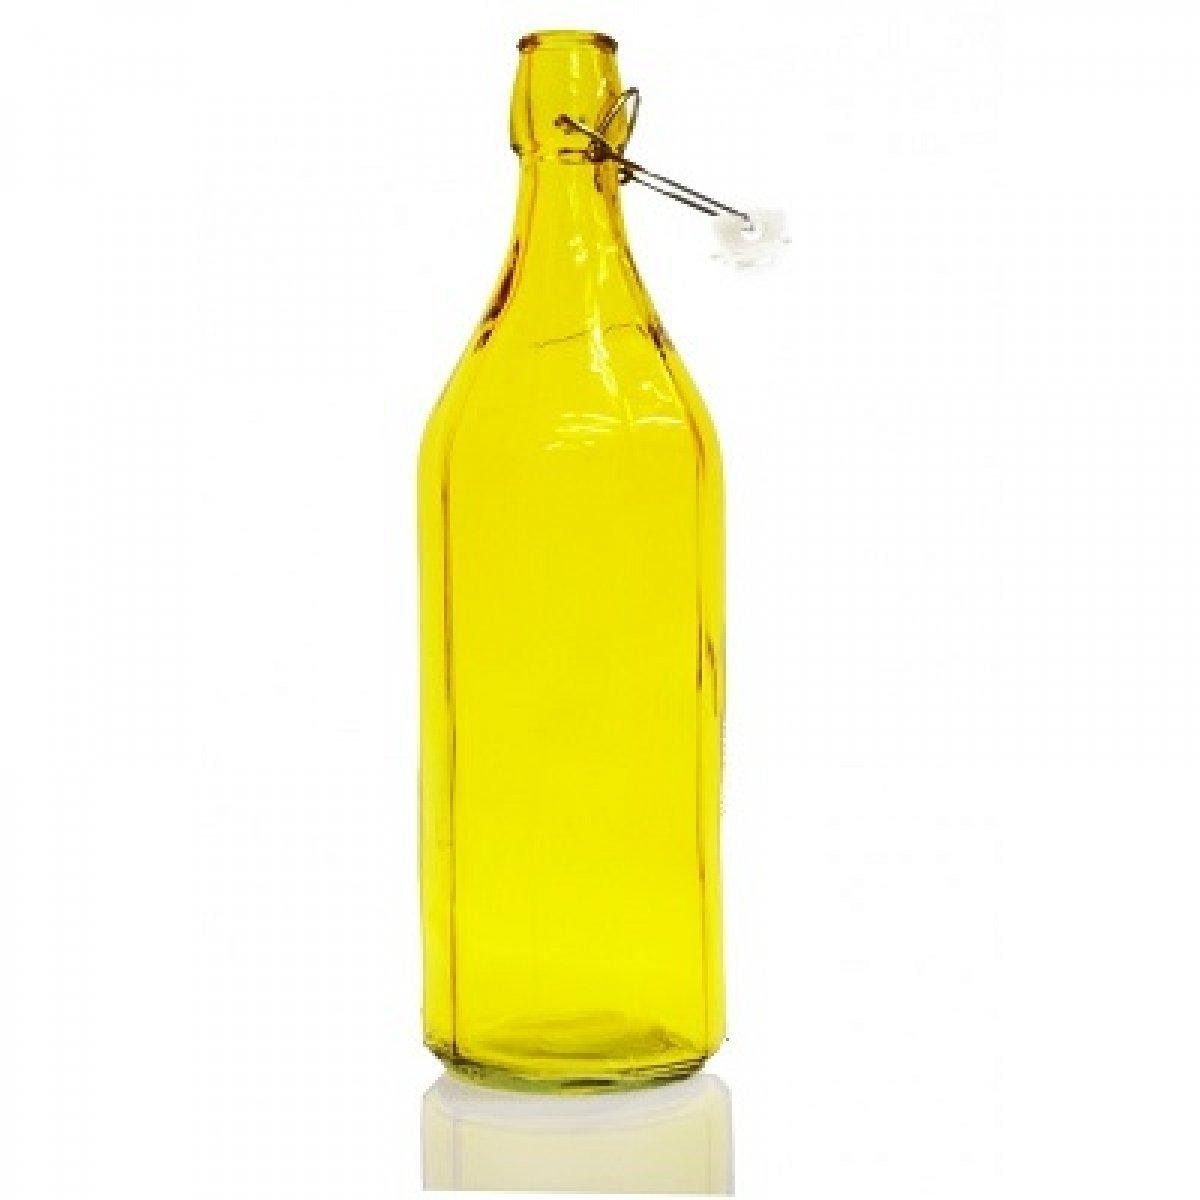 Μπουκάλια - Κανάτες - Μποτίλιες | Mymegamarket.gr